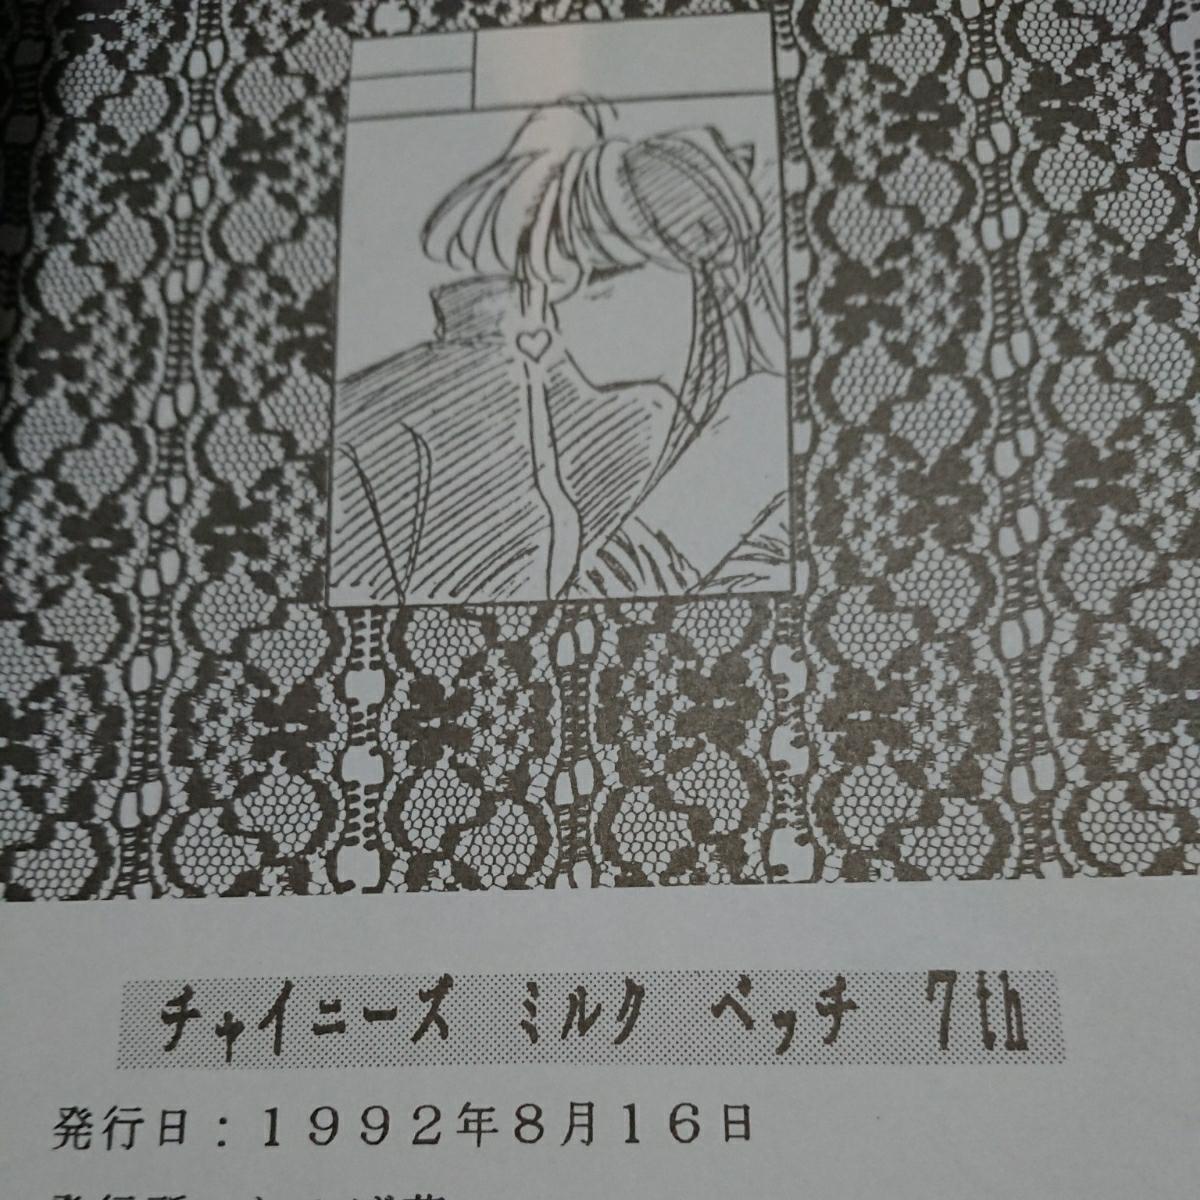 らんま1/2 同人誌 2冊セット